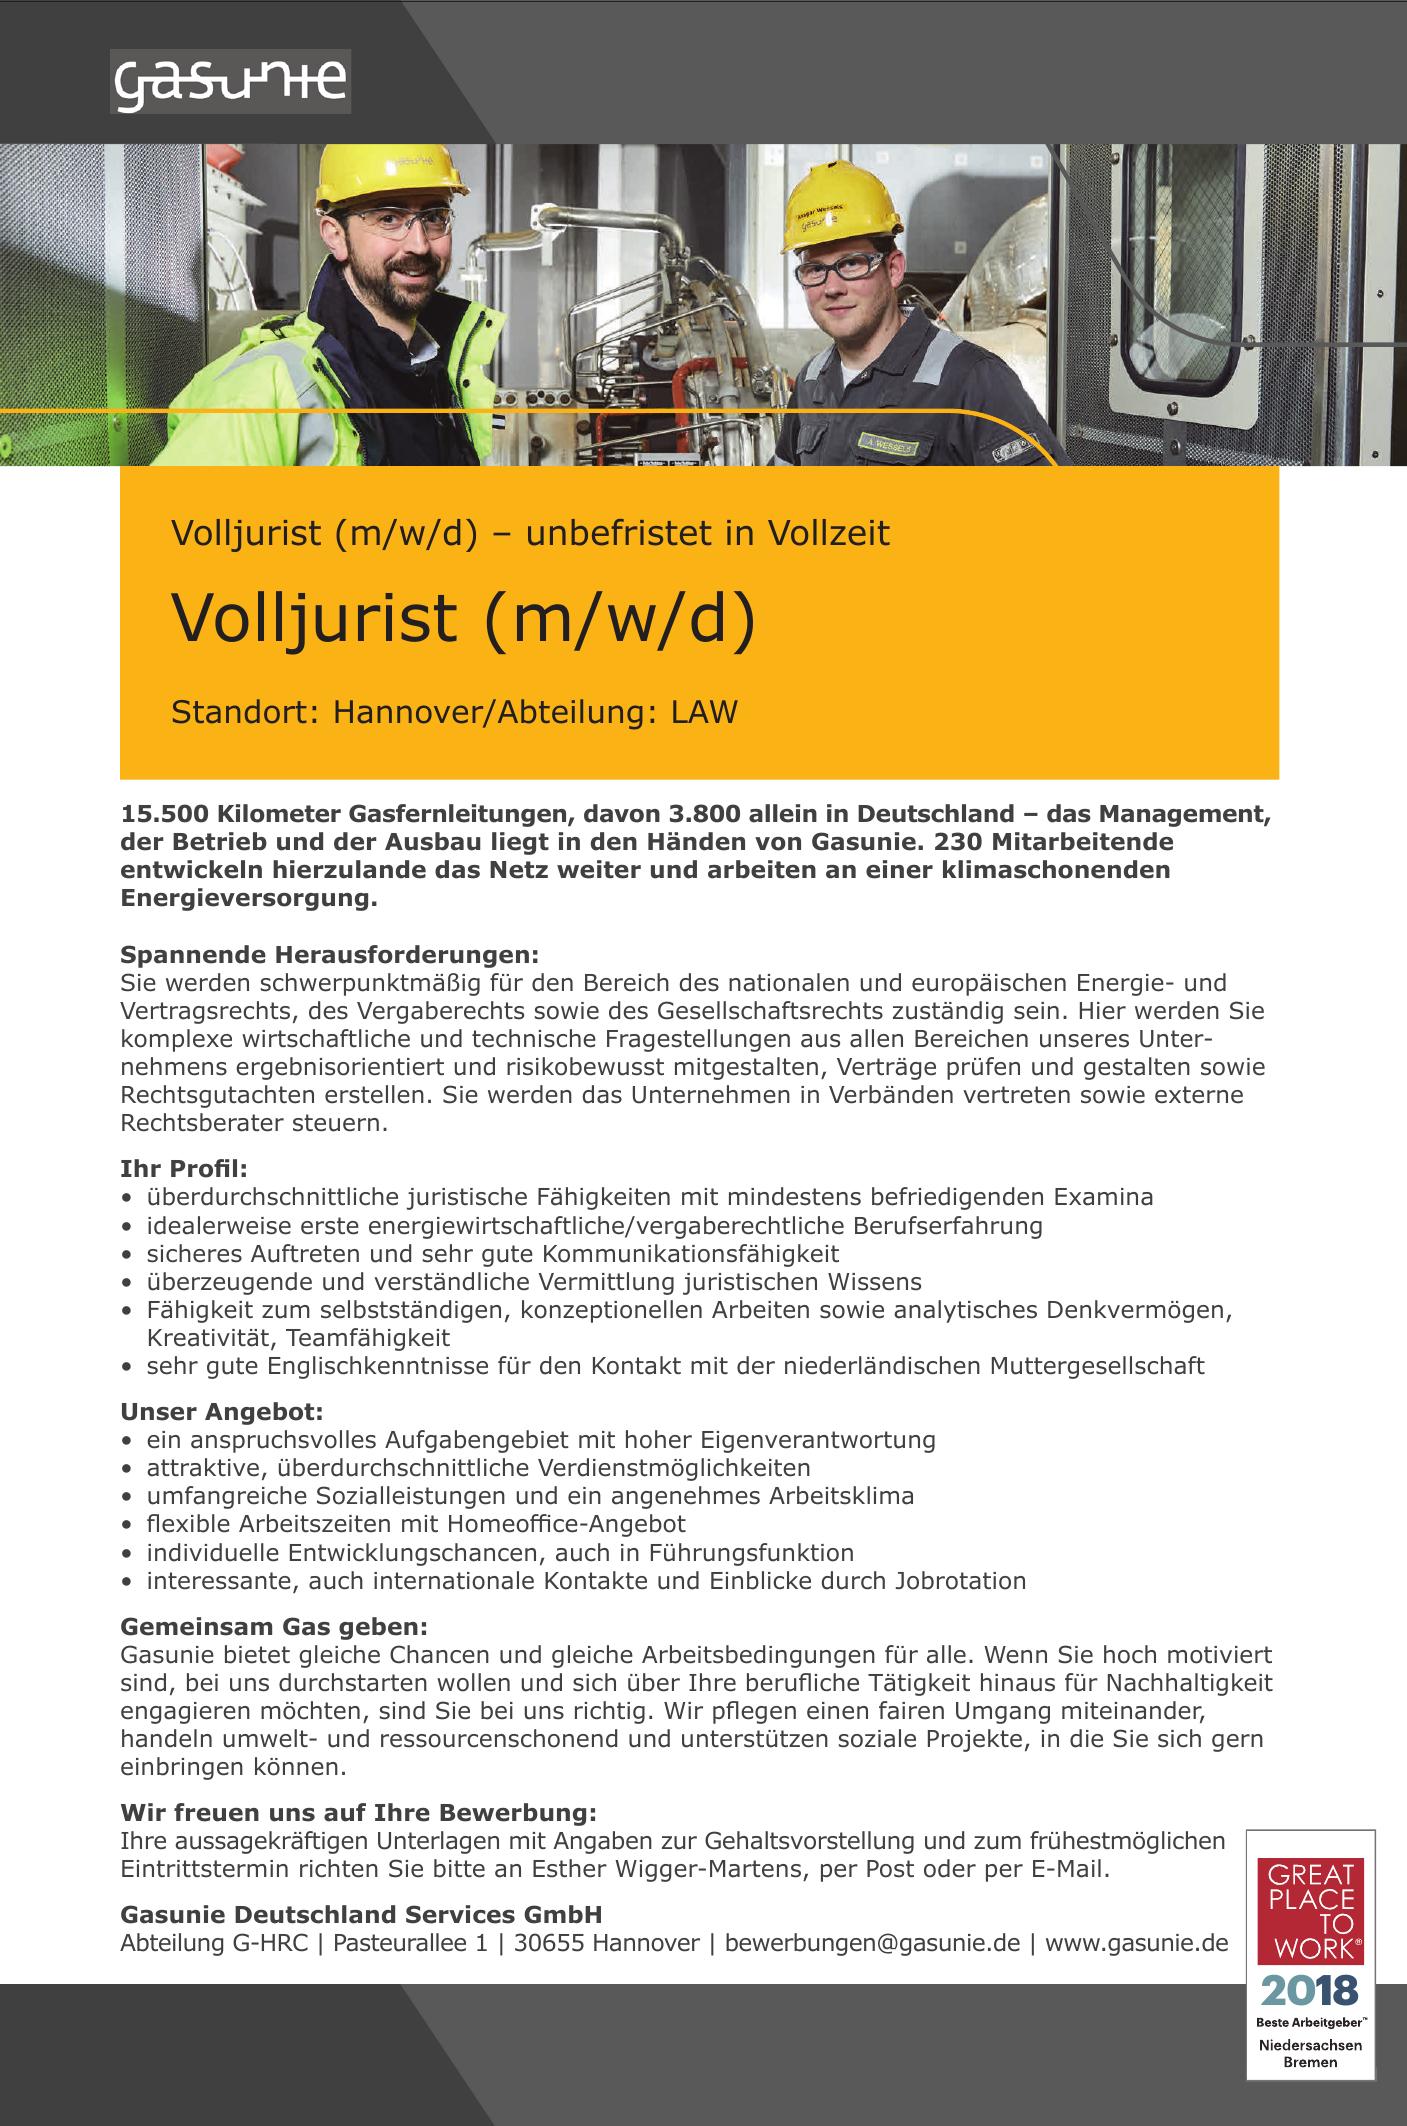 Gasunie Deutschland Services GmbH